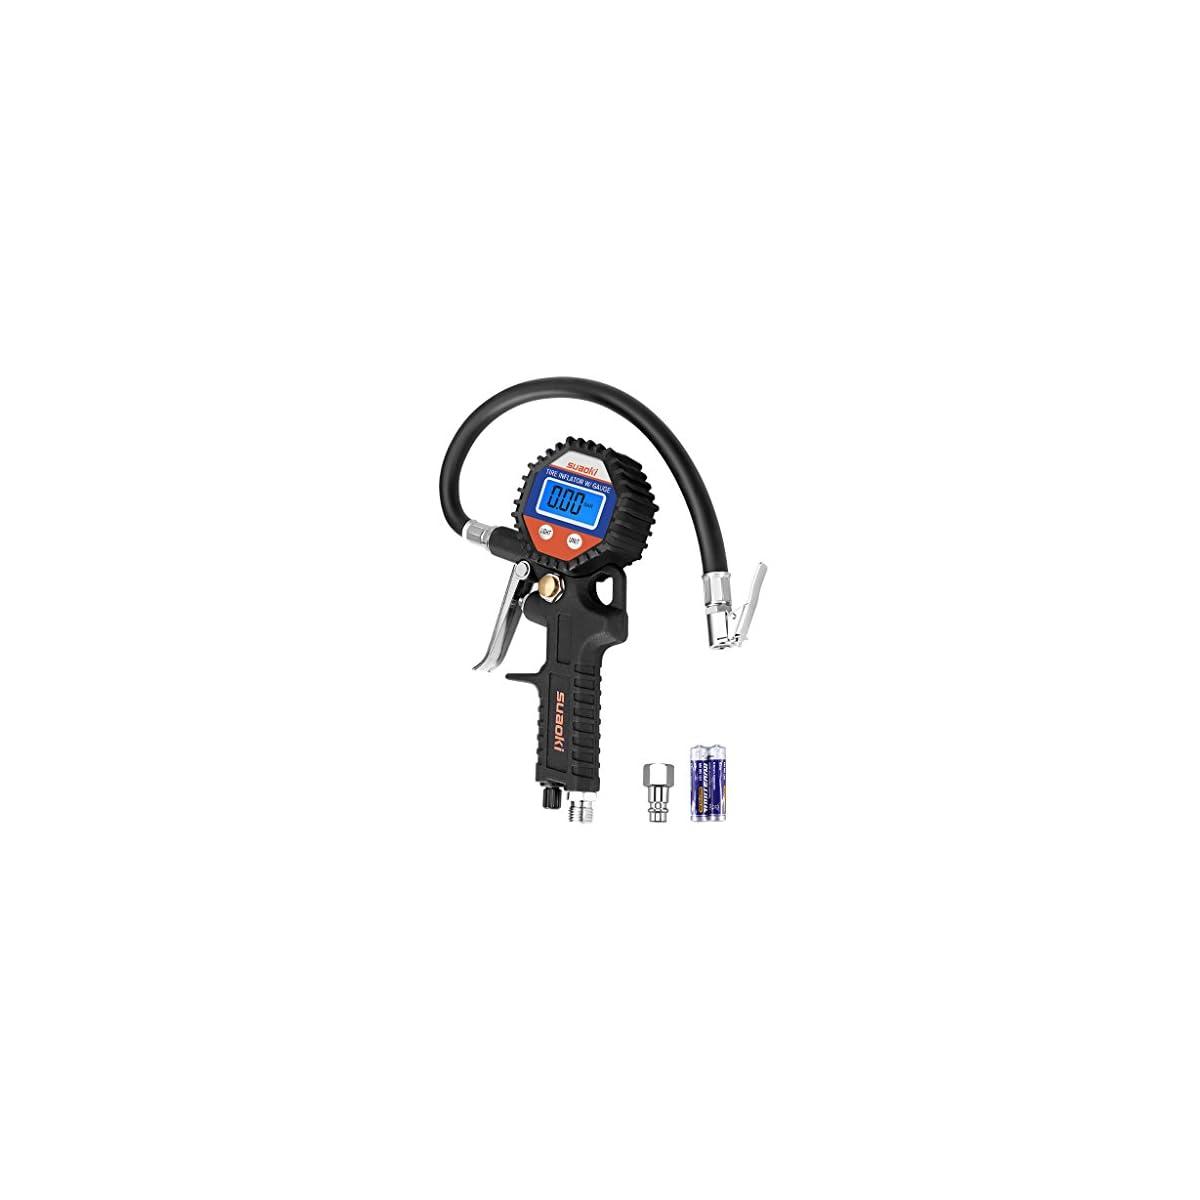 41V5HT6cRNL. SS1200  - Suaoki - 150 PSI Manómetro Digital, Medidor de Presión de Neumáticos con Manguera y Acoplador para Motocicleta, Bcicleta y Coche